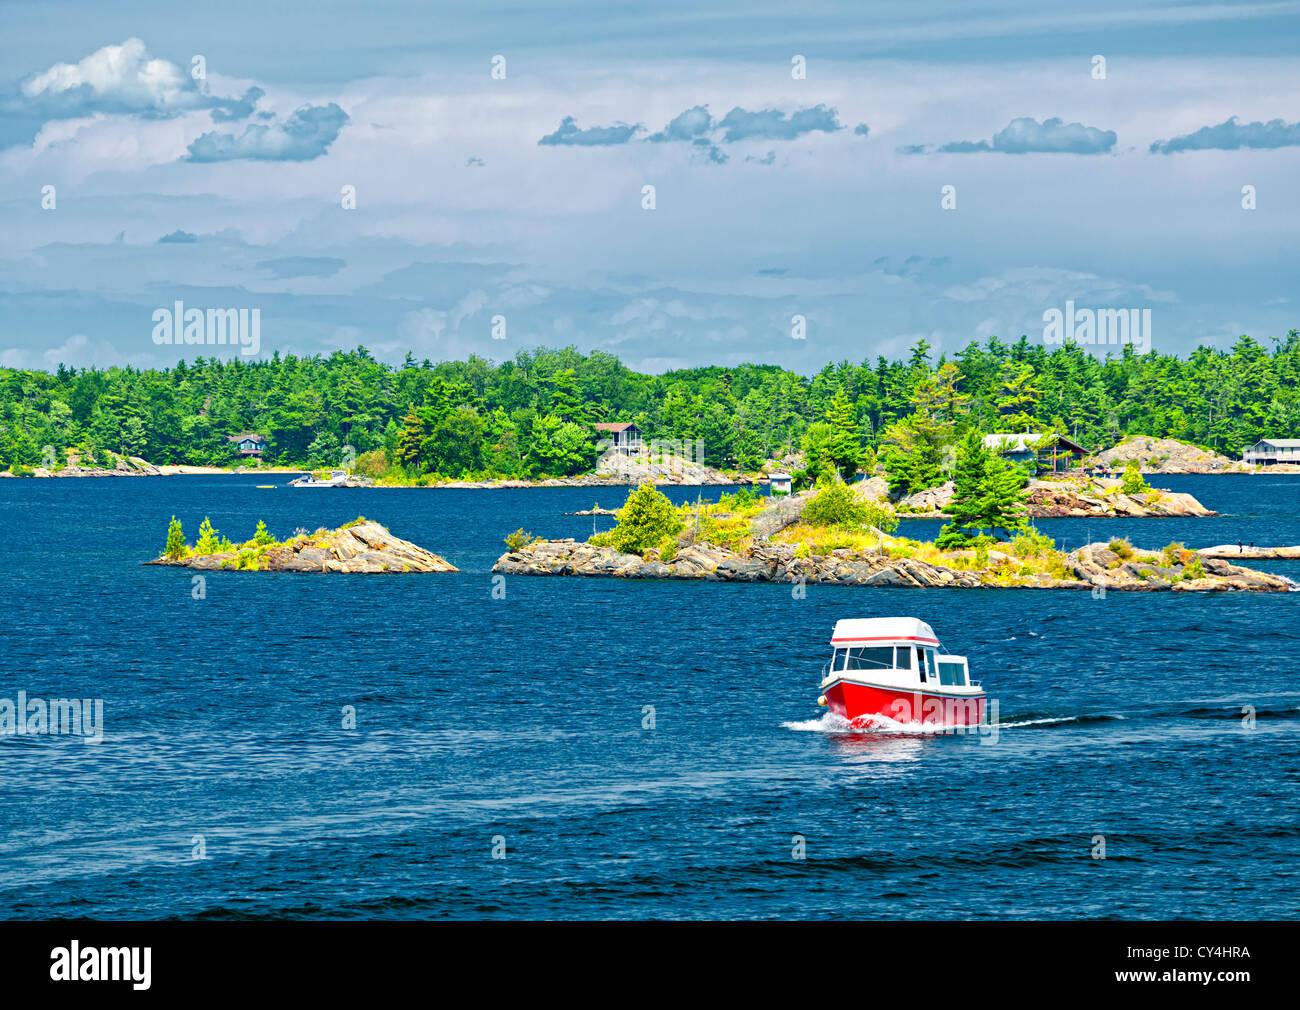 Small boat on lake near island in Georgian Bay, Ontario Canada - Stock Image